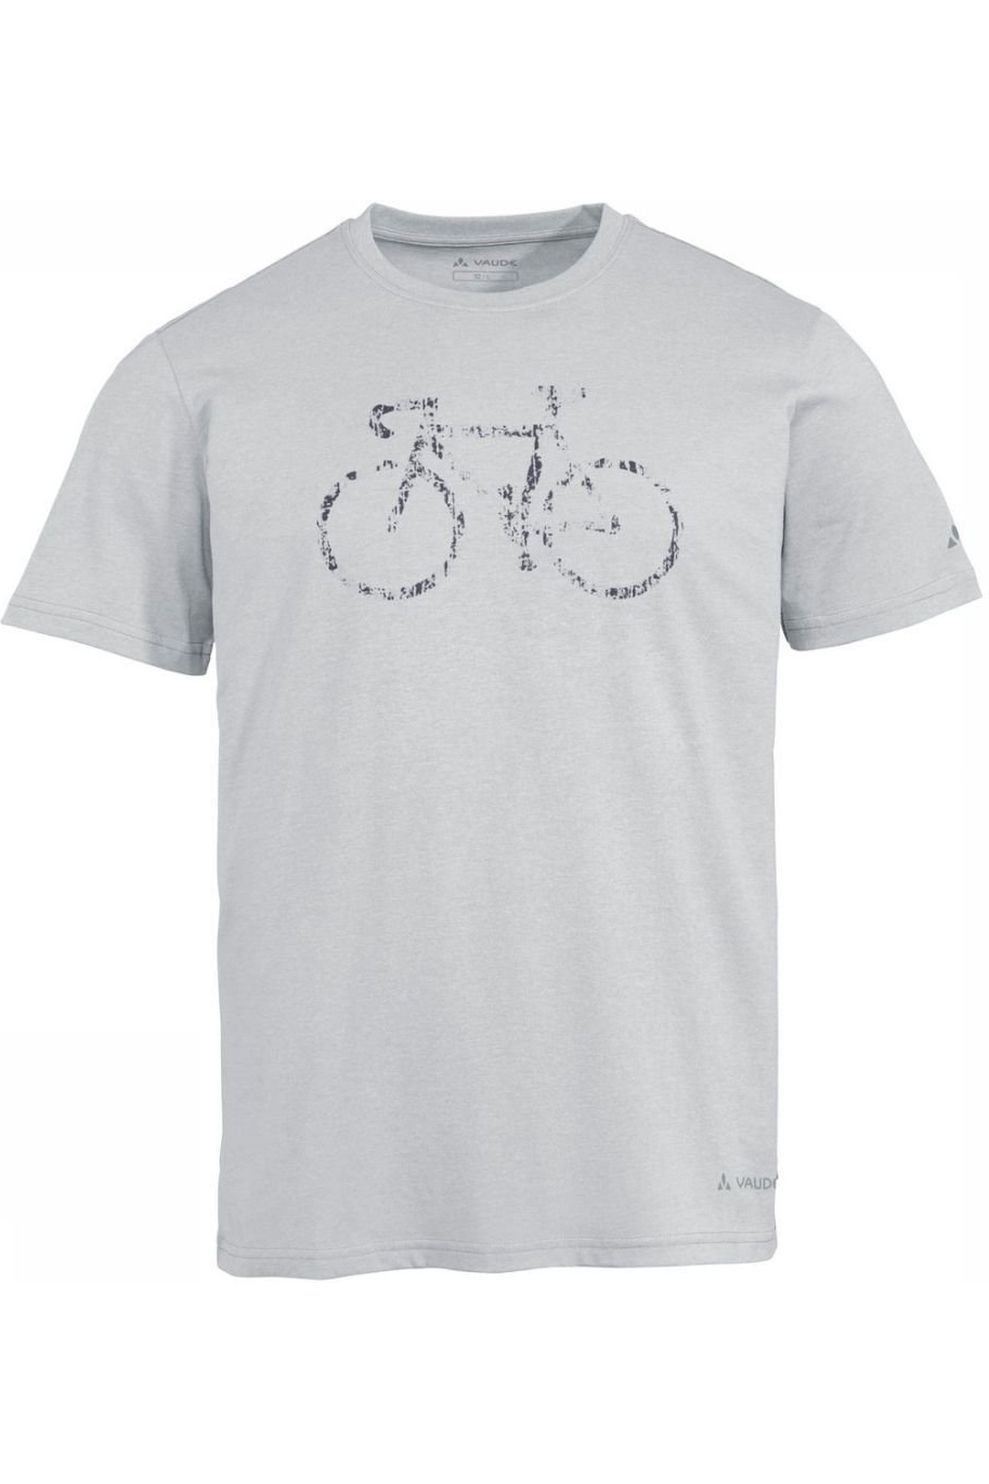 VAUDE T-Shirt Men'S Cyclist T-Shirt V voor heren - Grijs - Maat: L